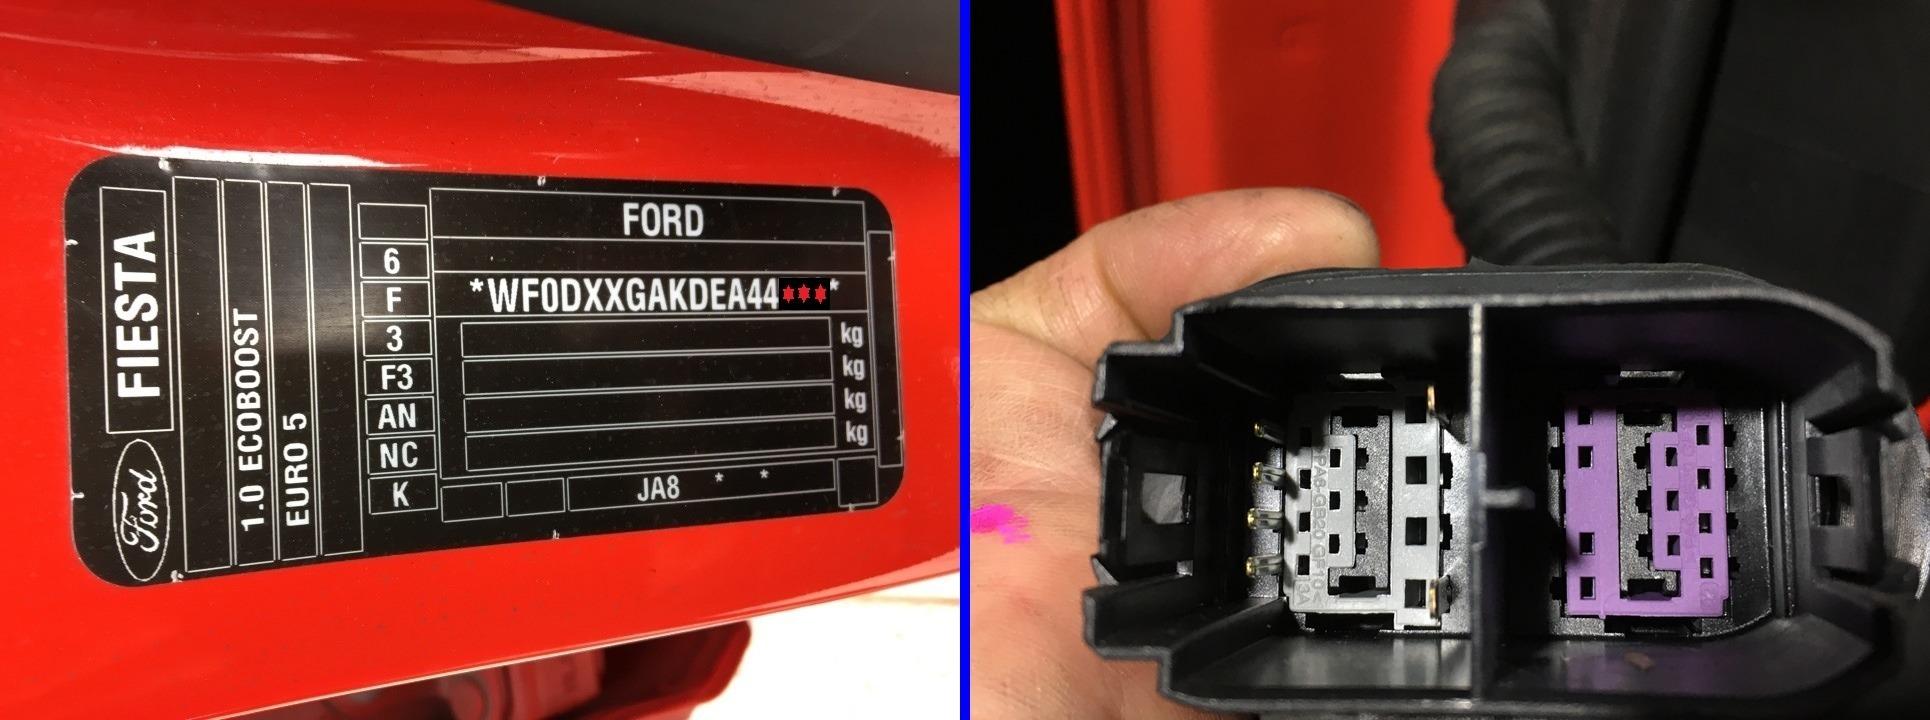 DOOR Re.RH - Fiesta  Ref:SP273886_221     5/5